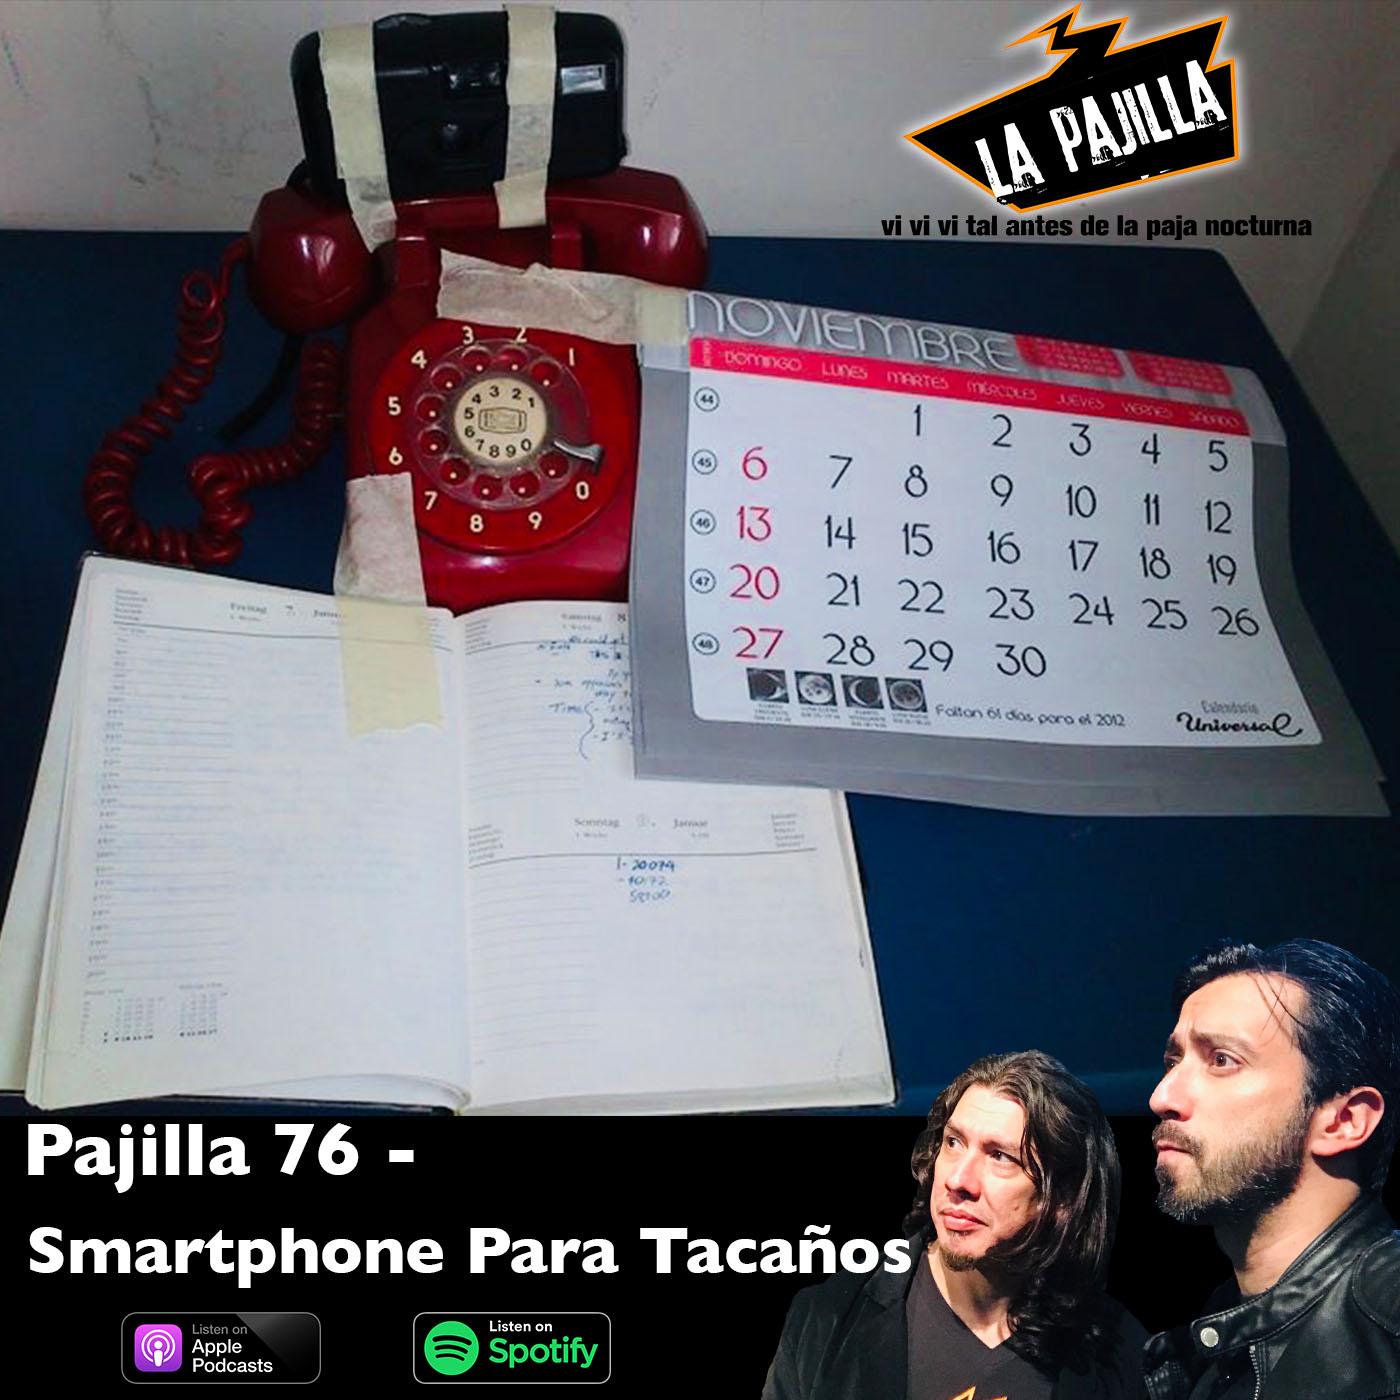 La Paja Nocturna Podcast CR Pajilla 76